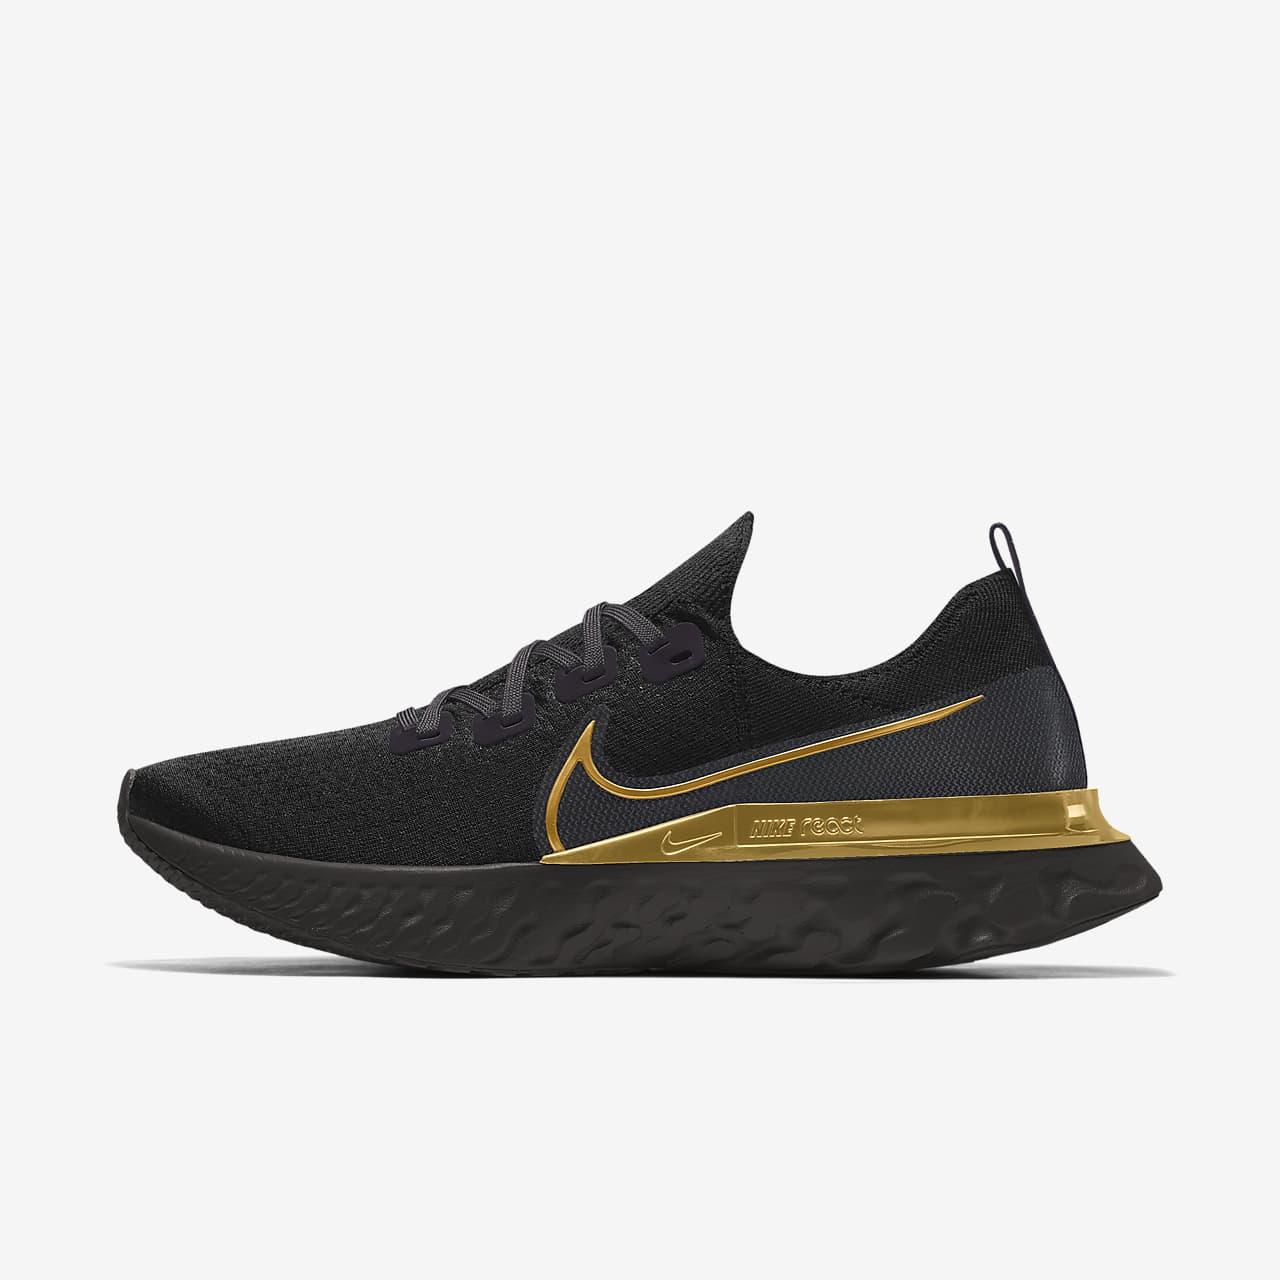 Calzado de running personalizado para hombre Nike React Infinity Run Flyknit By You